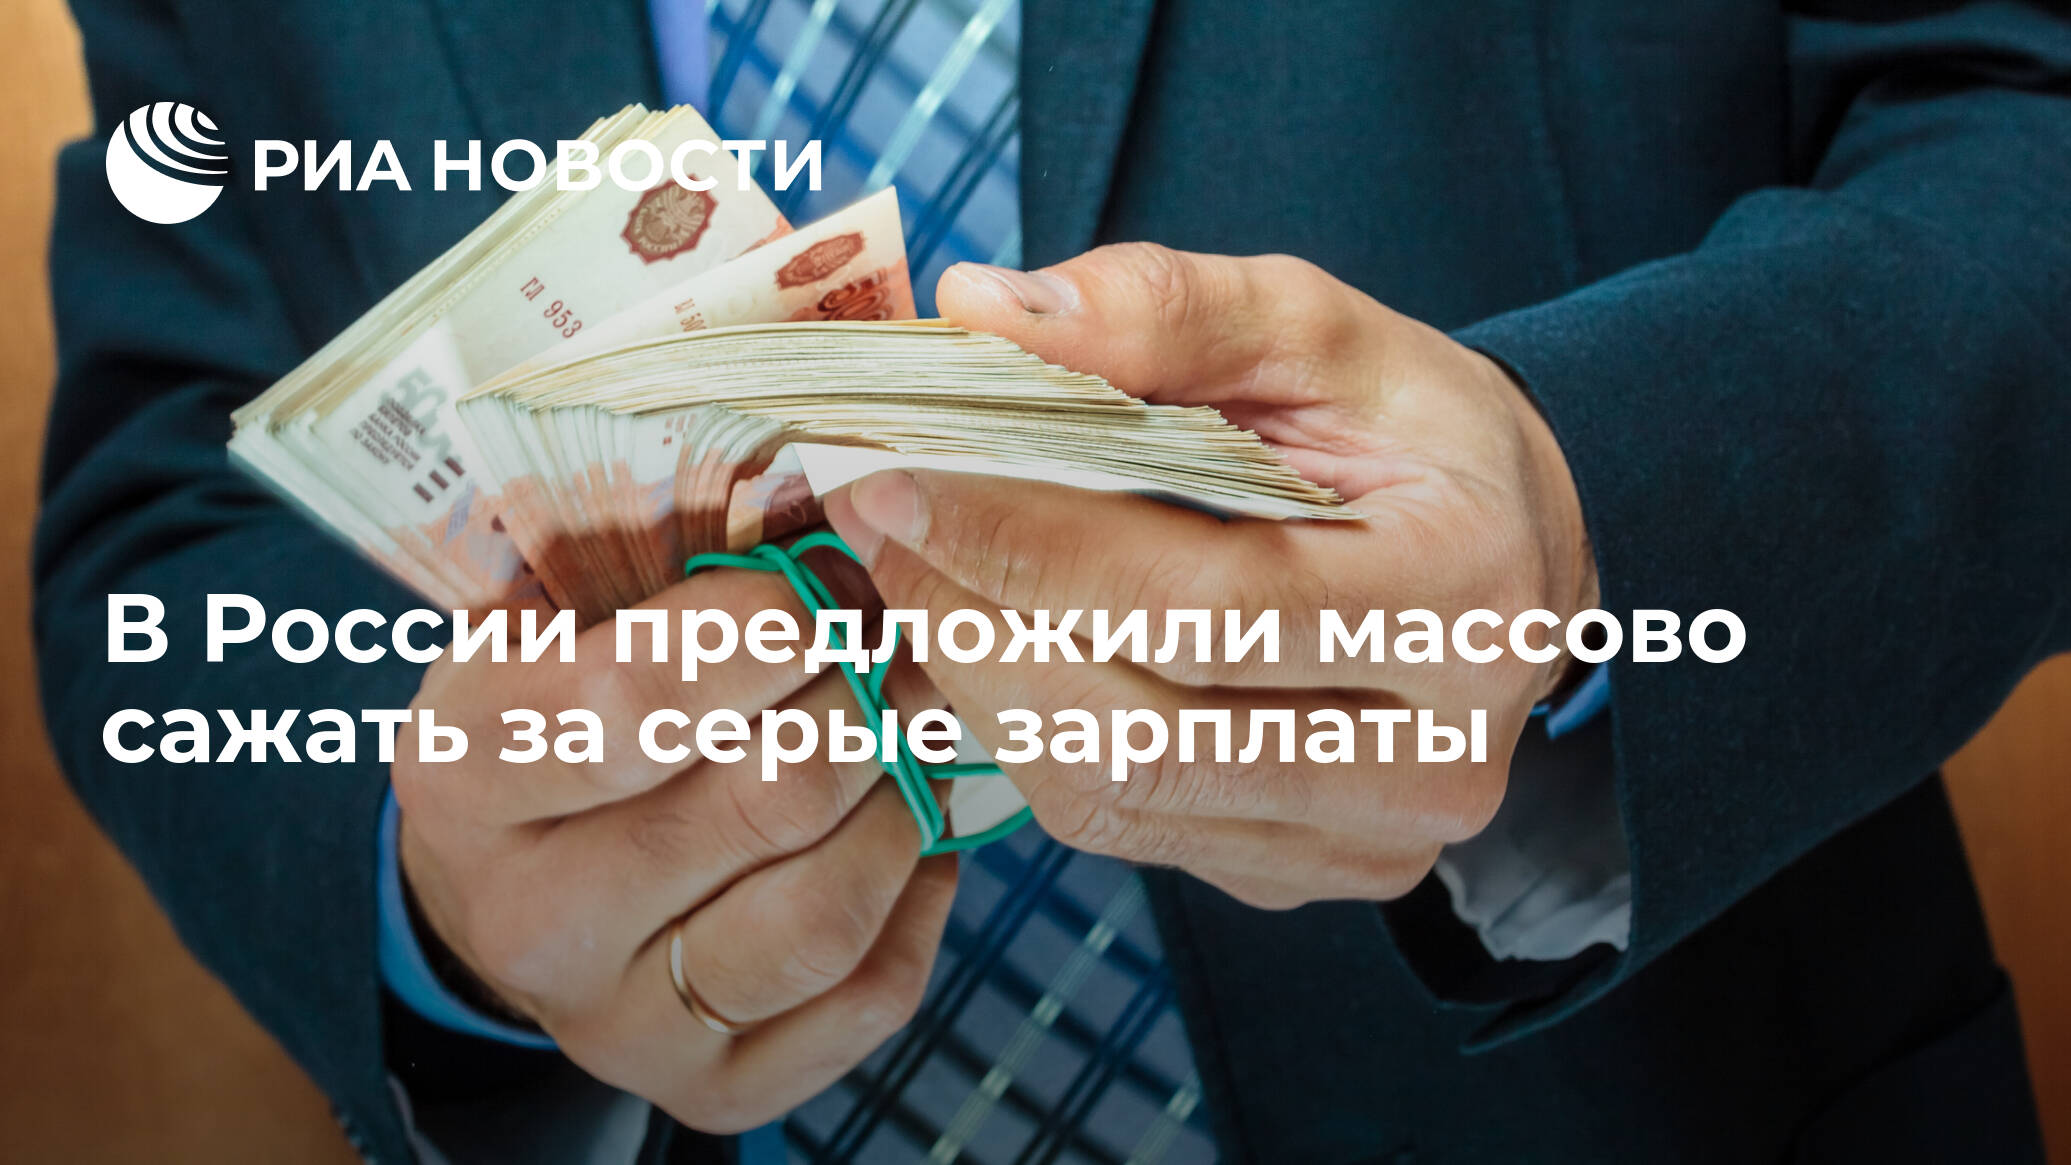 В Совфеде предложили ввести уголовную ответственность за 'серые' зарплаты - РИА НОВОСТИ